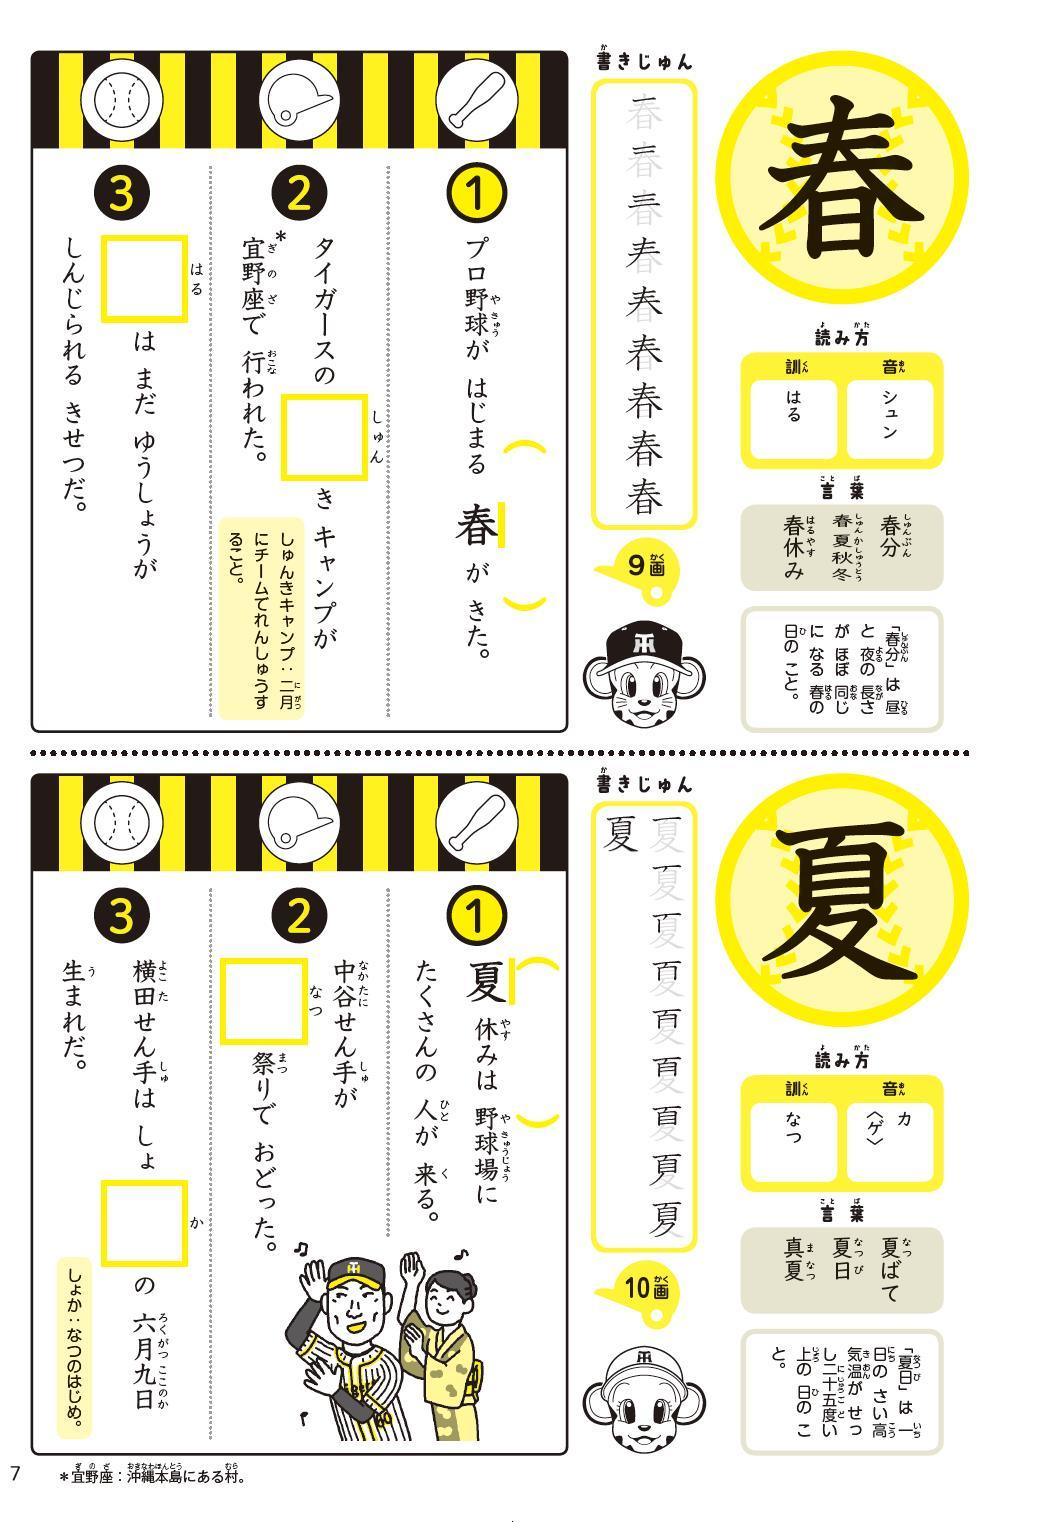 球団初 阪神タイガースかん字ドリル123年生を発売株式